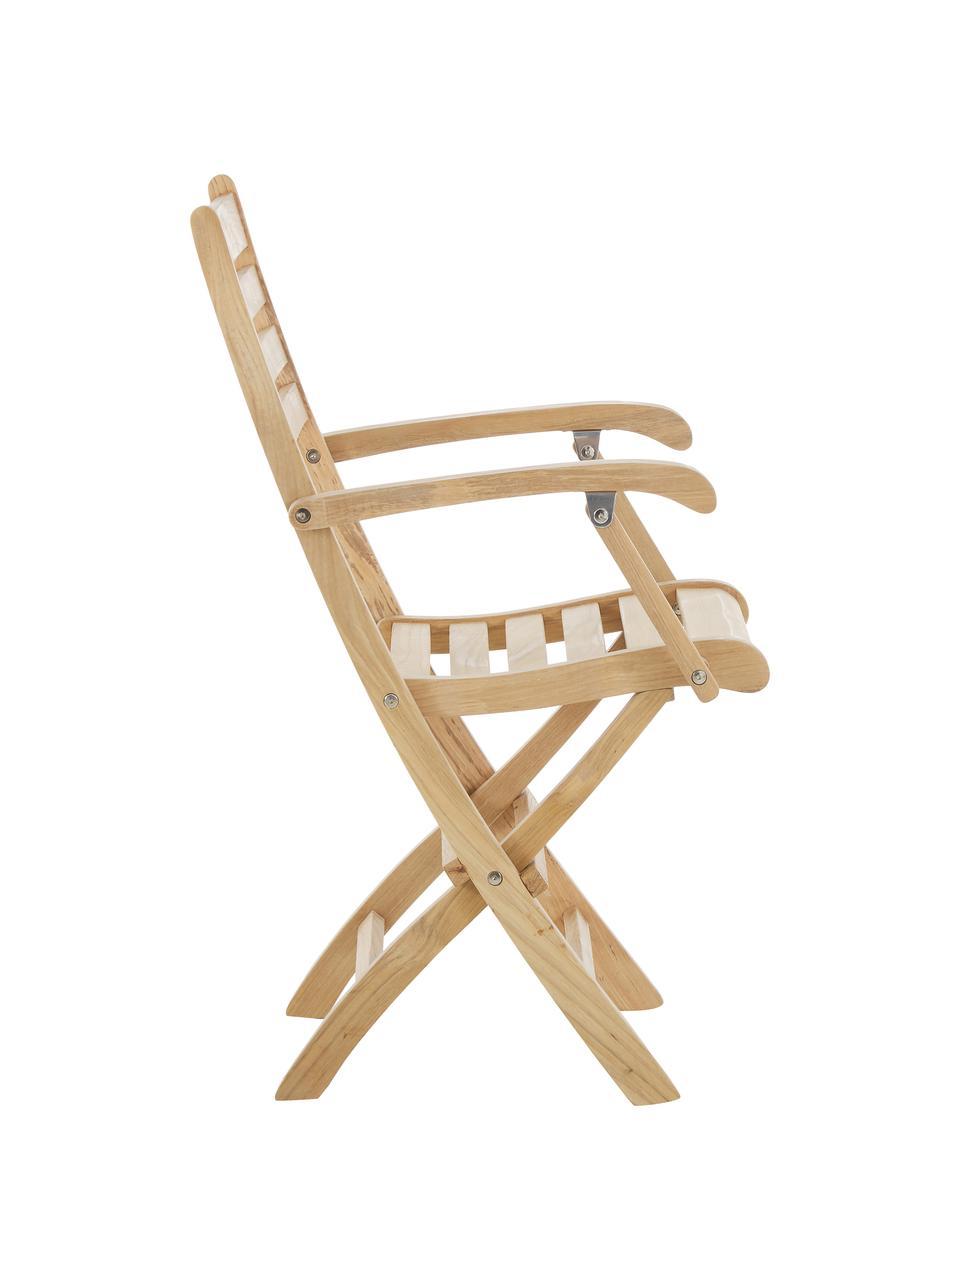 Krzesło ogrodowe z podłokietnikami  z drewna York, Drewno tekowe, piaskowane, Drewno tekowe, 51 x 86 cm